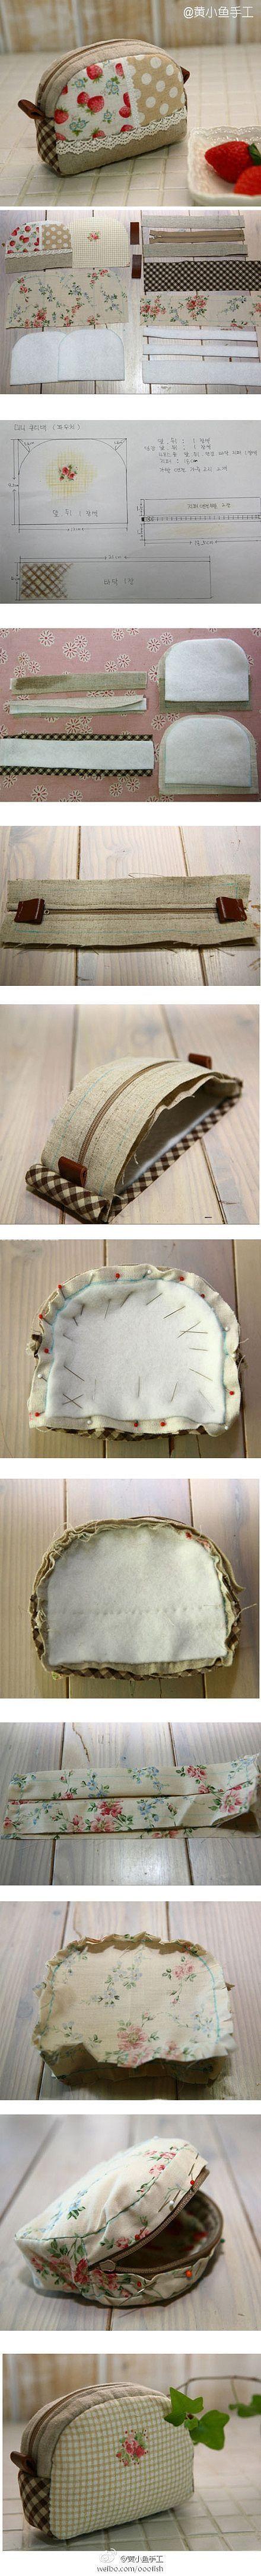 Cute pouch photo tutorial. by Anu Leppänen